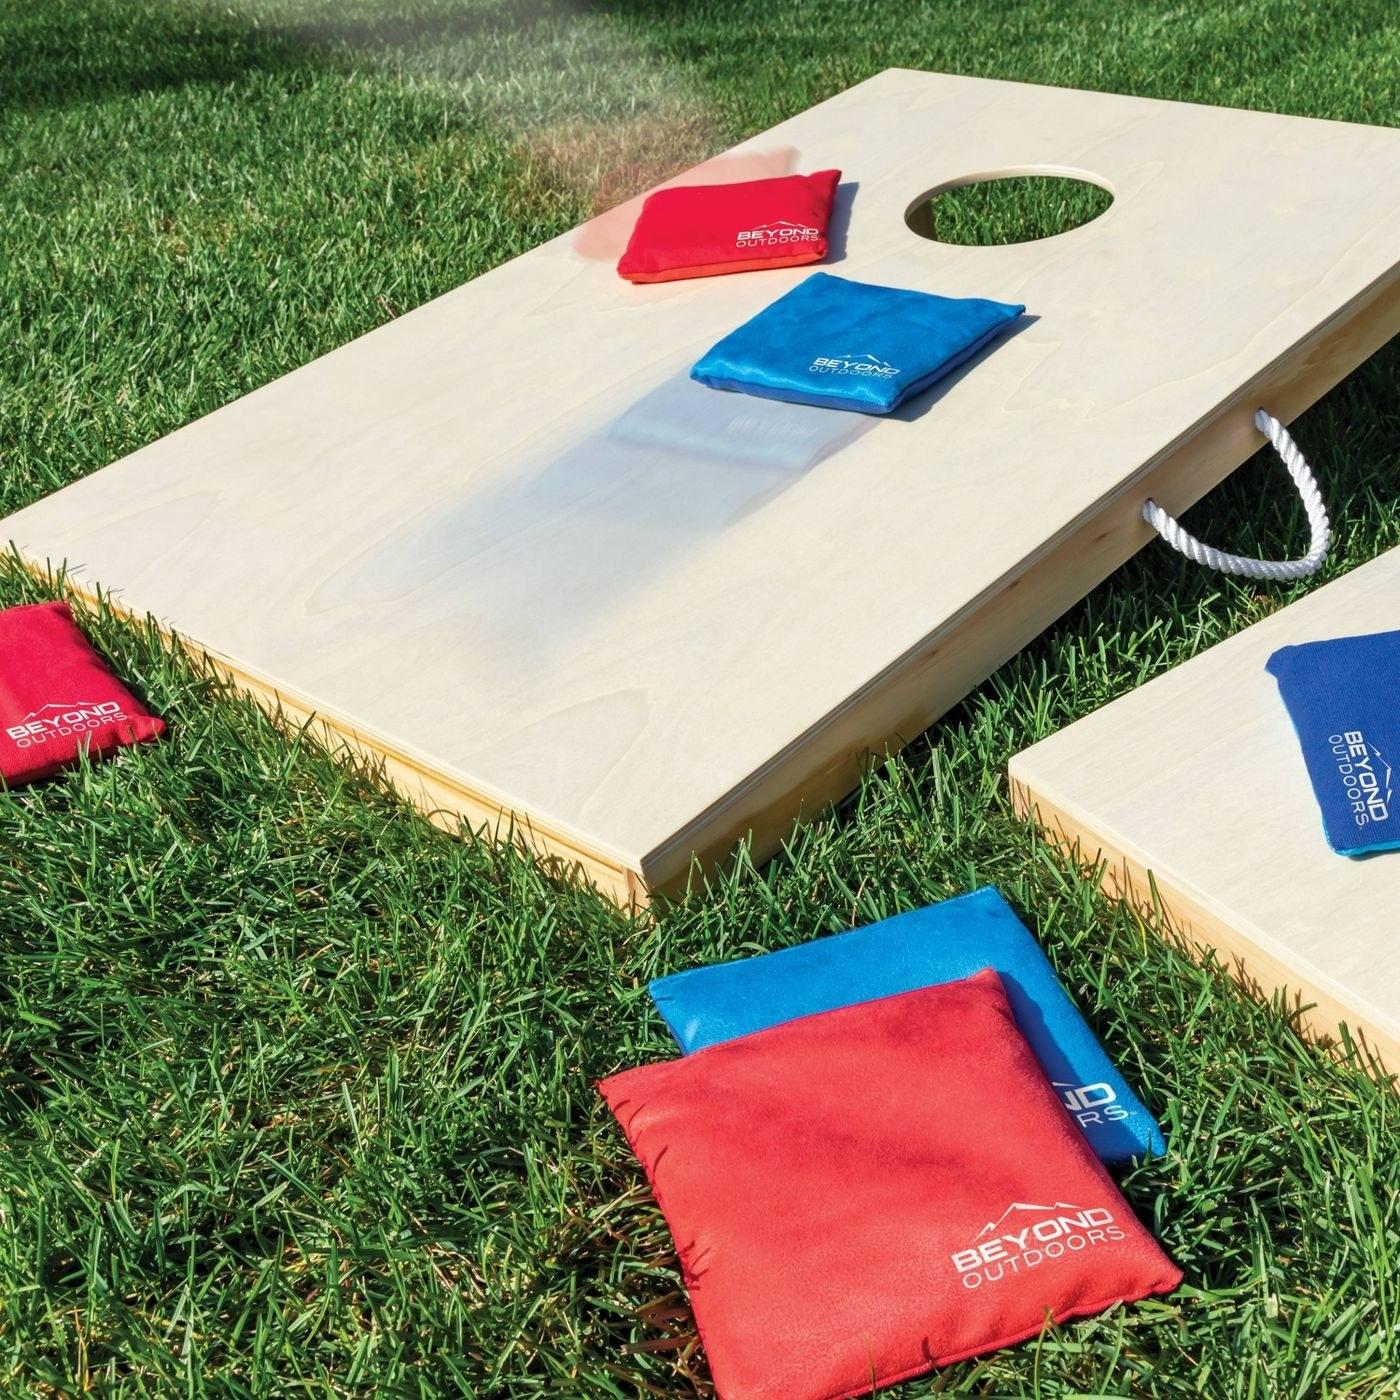 The outdoor wooden beanbag toss set